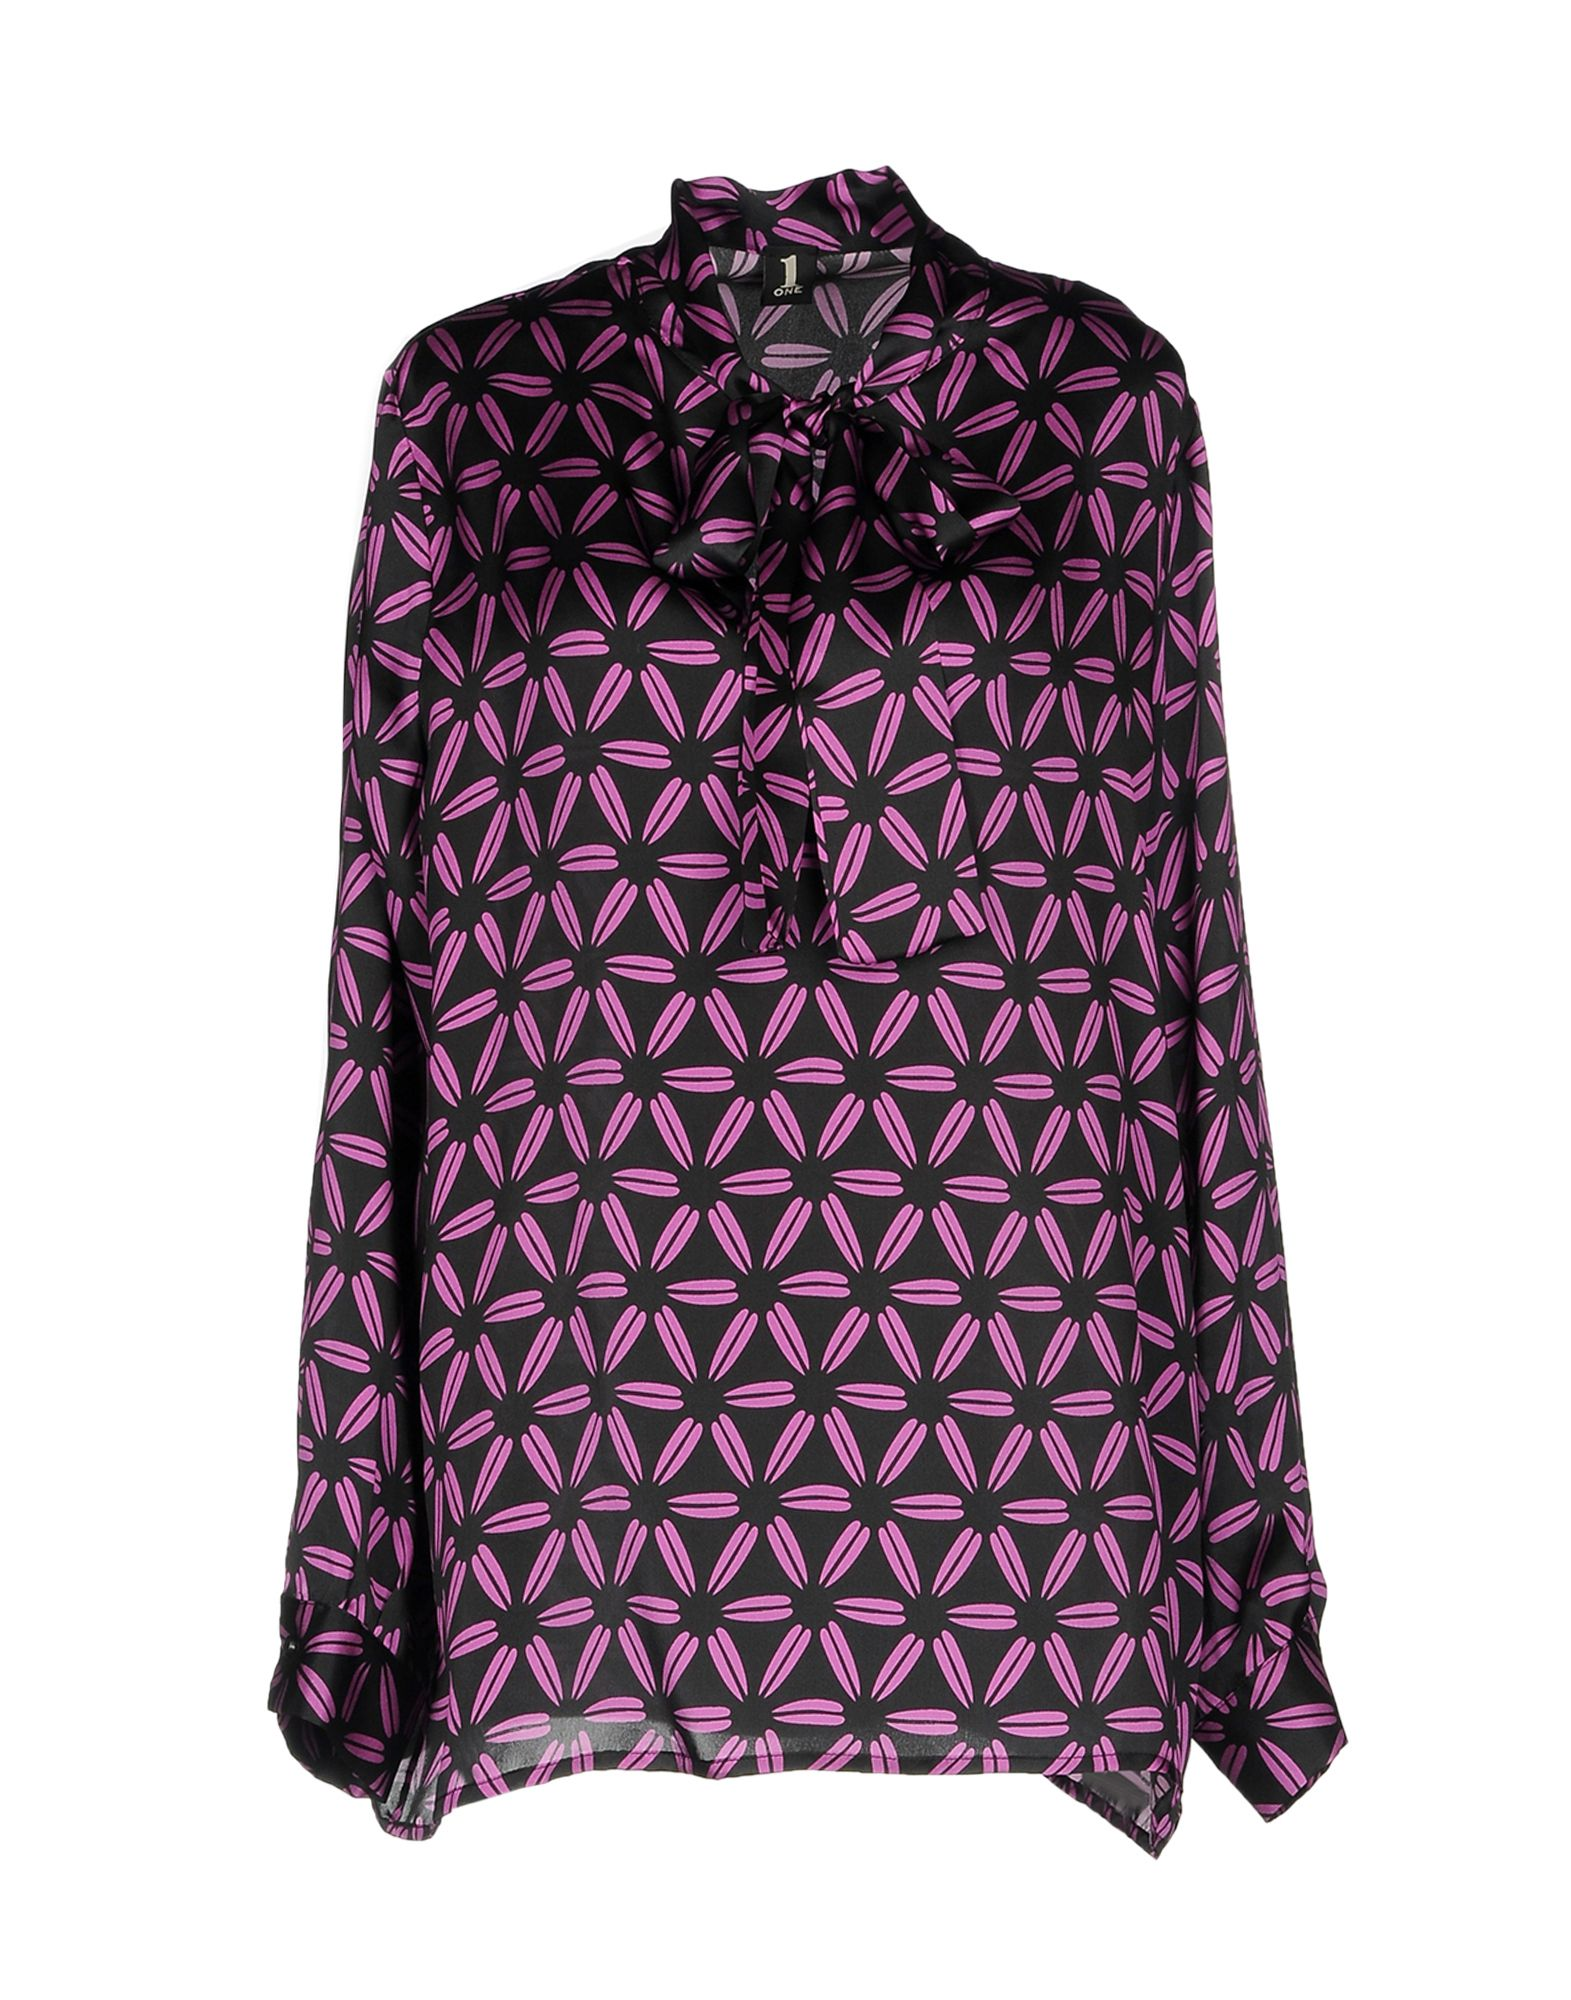 где купить 1-ONE Блузка по лучшей цене